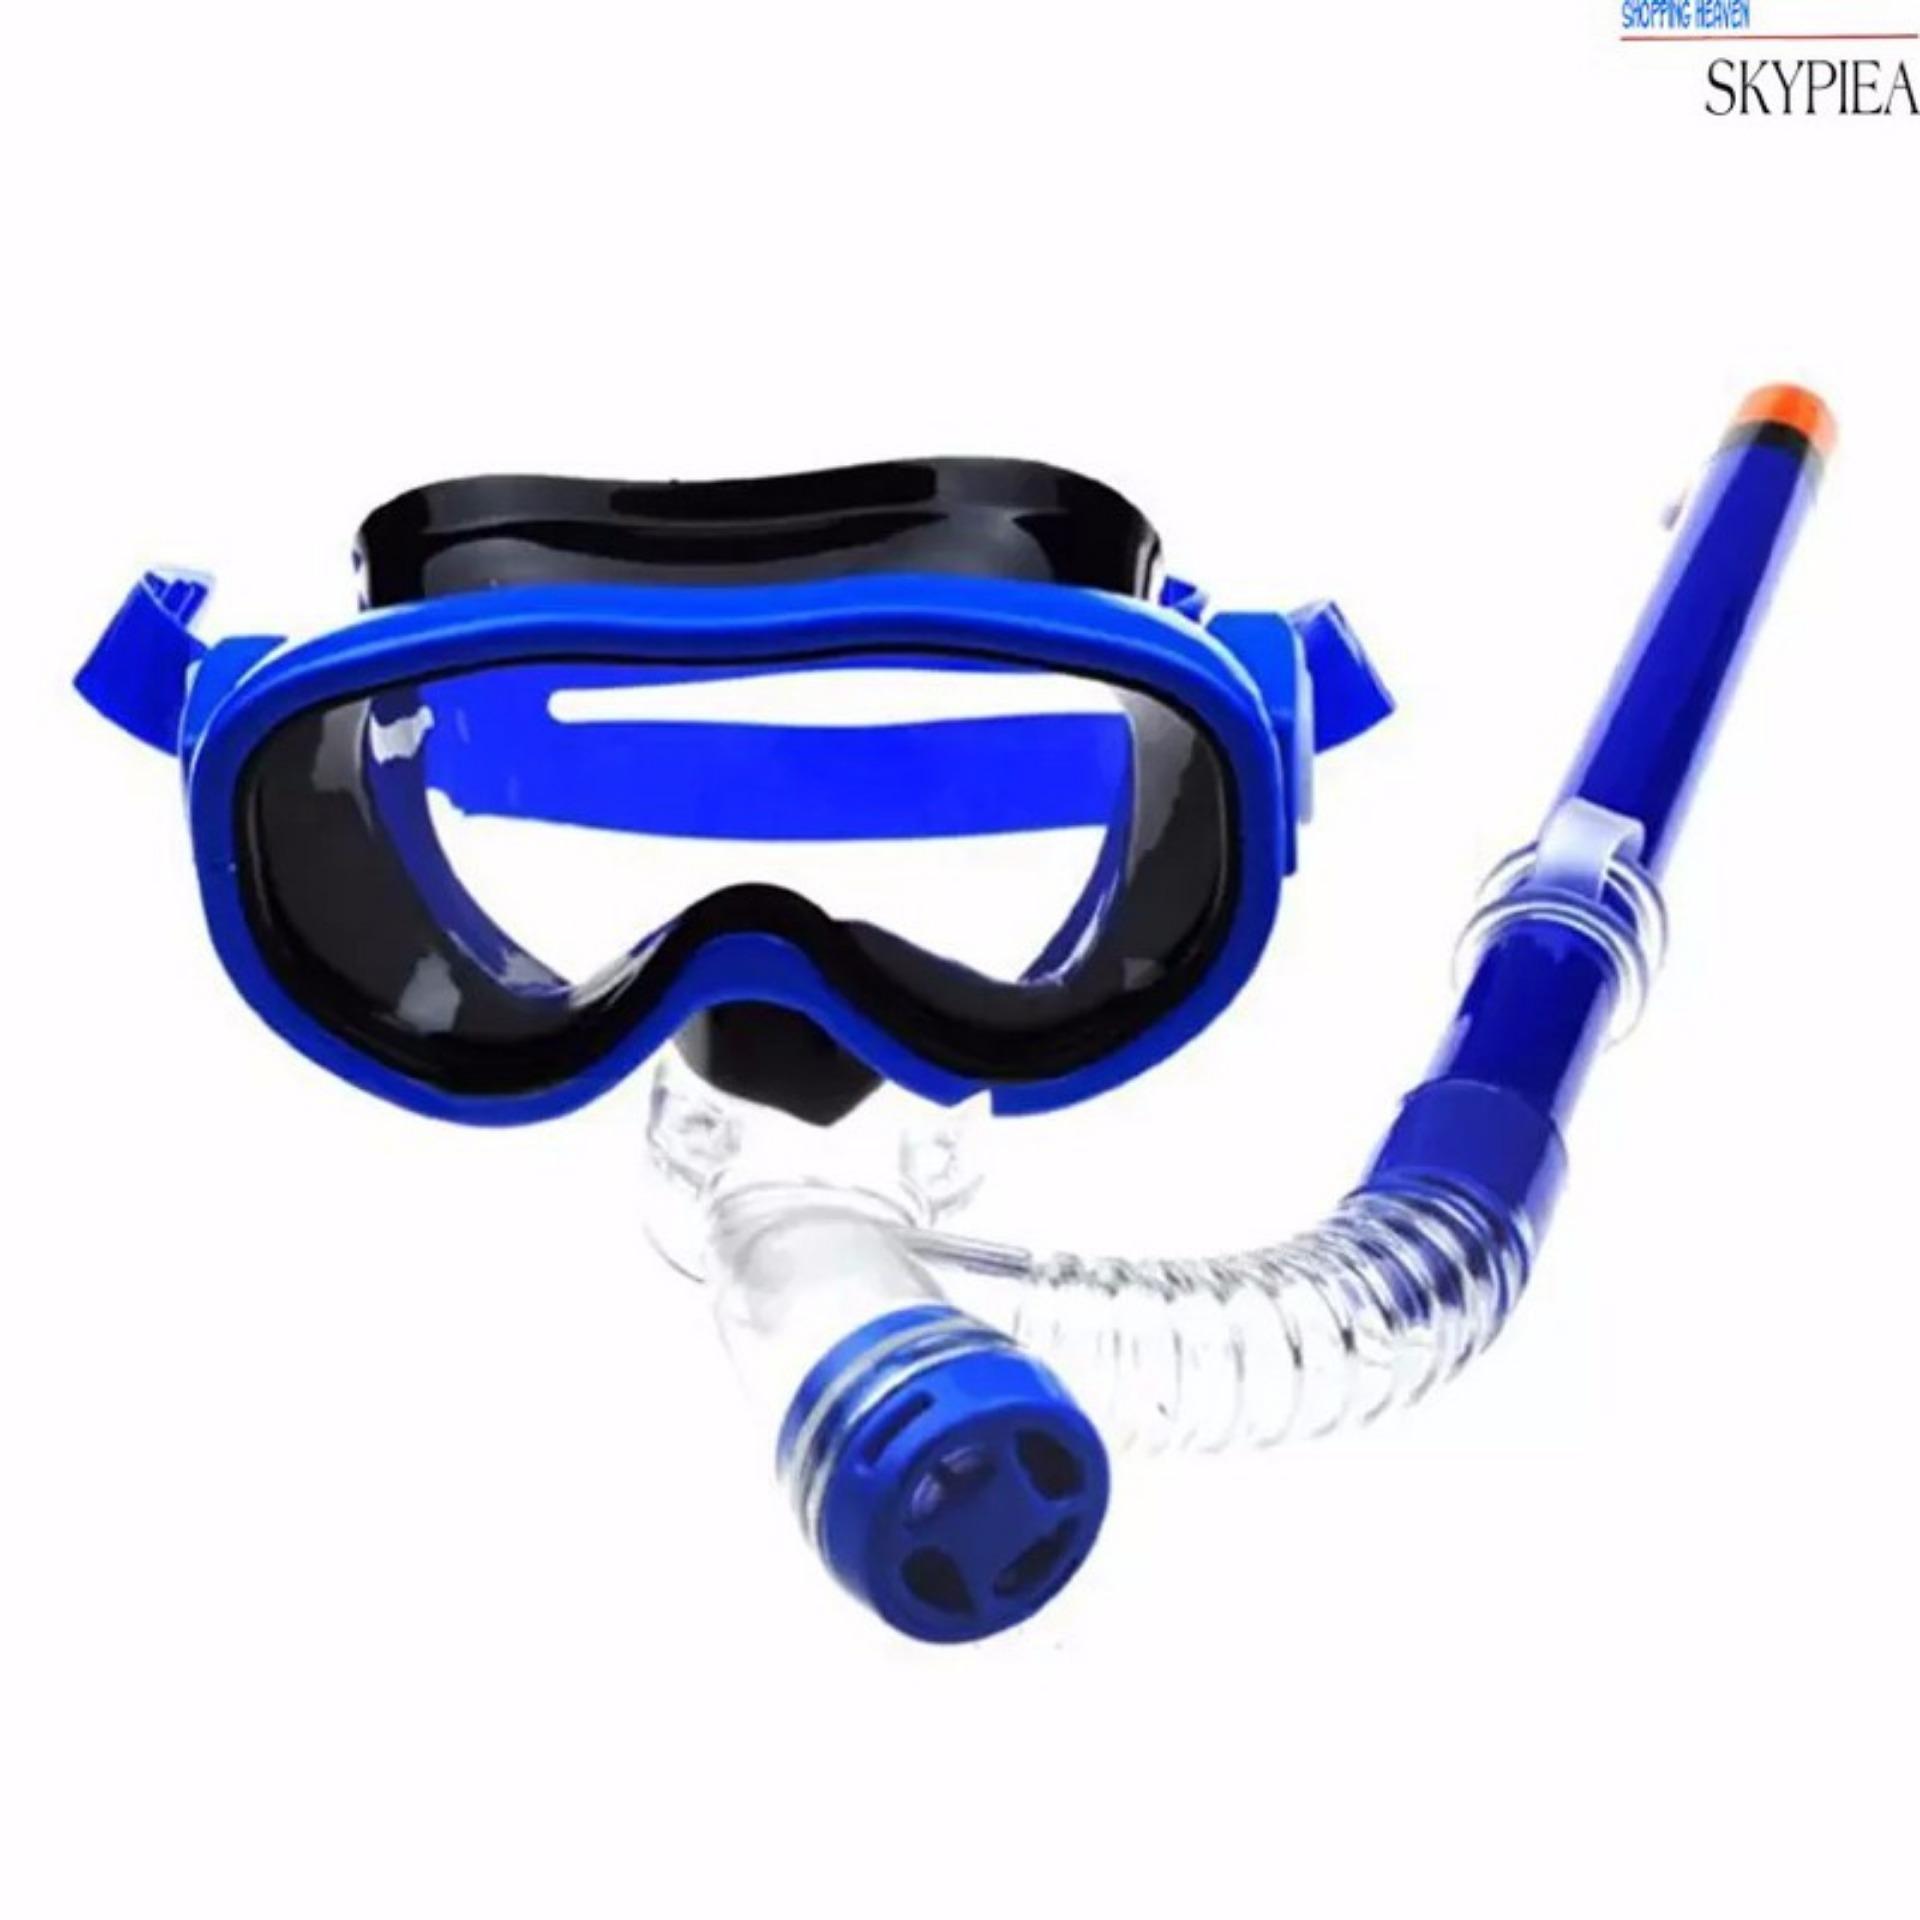 Hình ảnh Kính Lặn, Ống Thở , Chất, Giá Cạnh Tranh, Kính Lặn Ống Thở Giá Rẻ, Gía Chất Bởi ROC Store